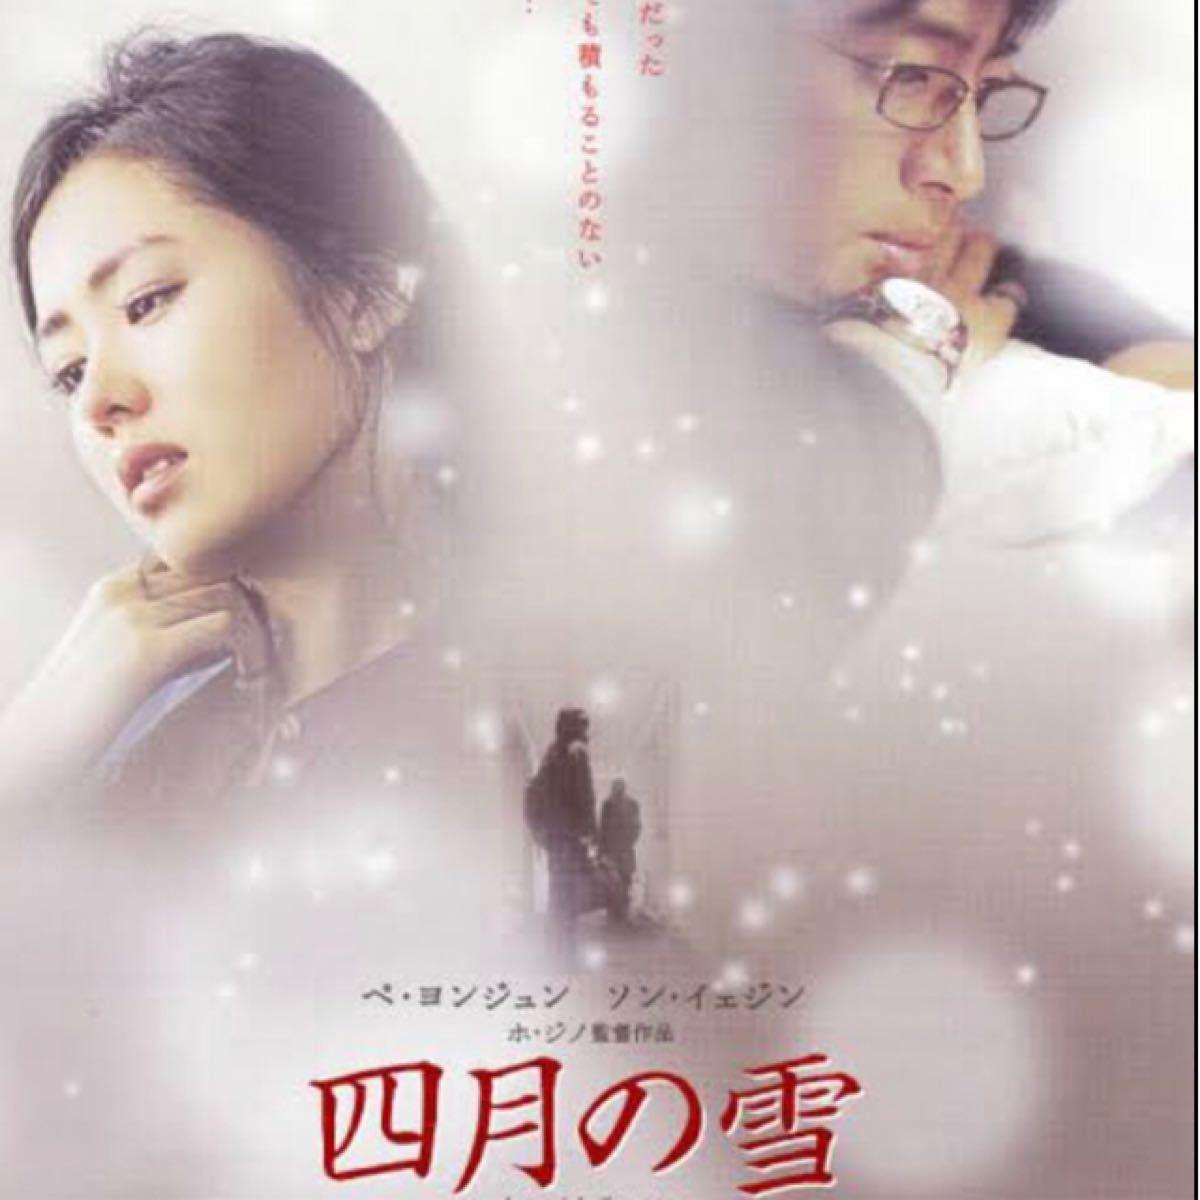 韓国映画  四月の雪  ソン・イェジン  ペ・ヨンジュン  DVD  日本語吹替有り  レーベル有り